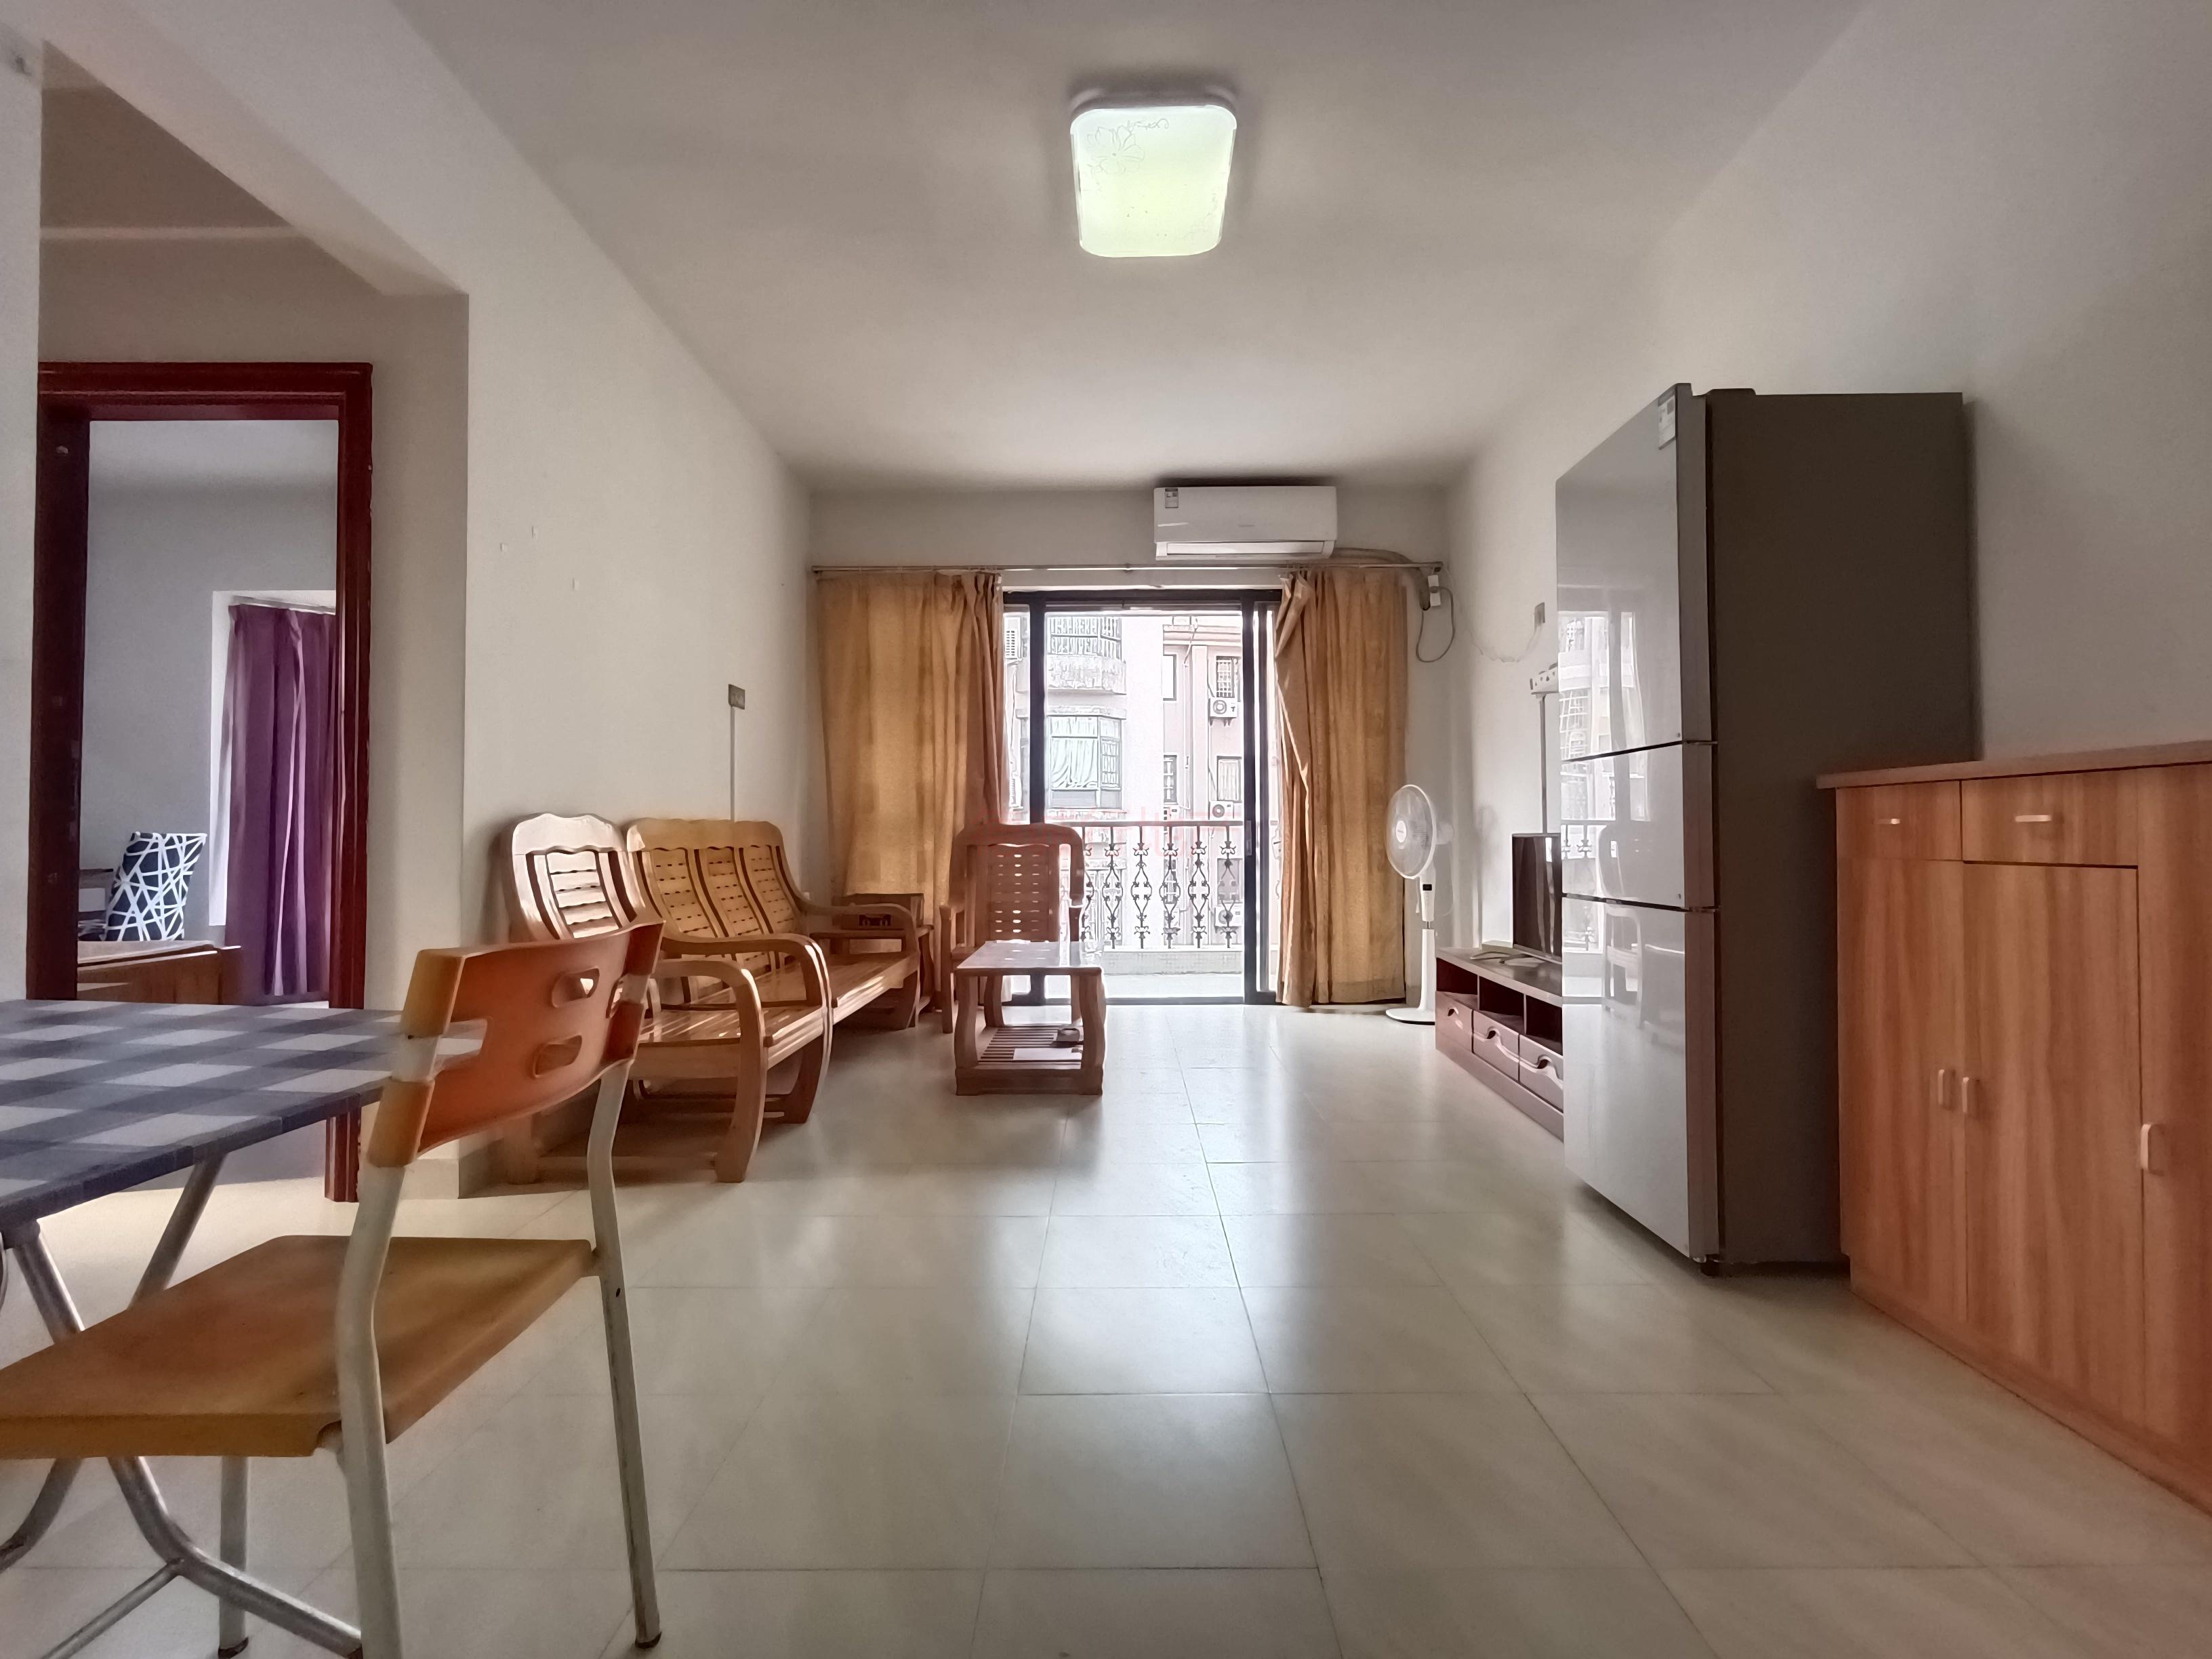 城西花园2室1厅1卫西朝向仅230万元